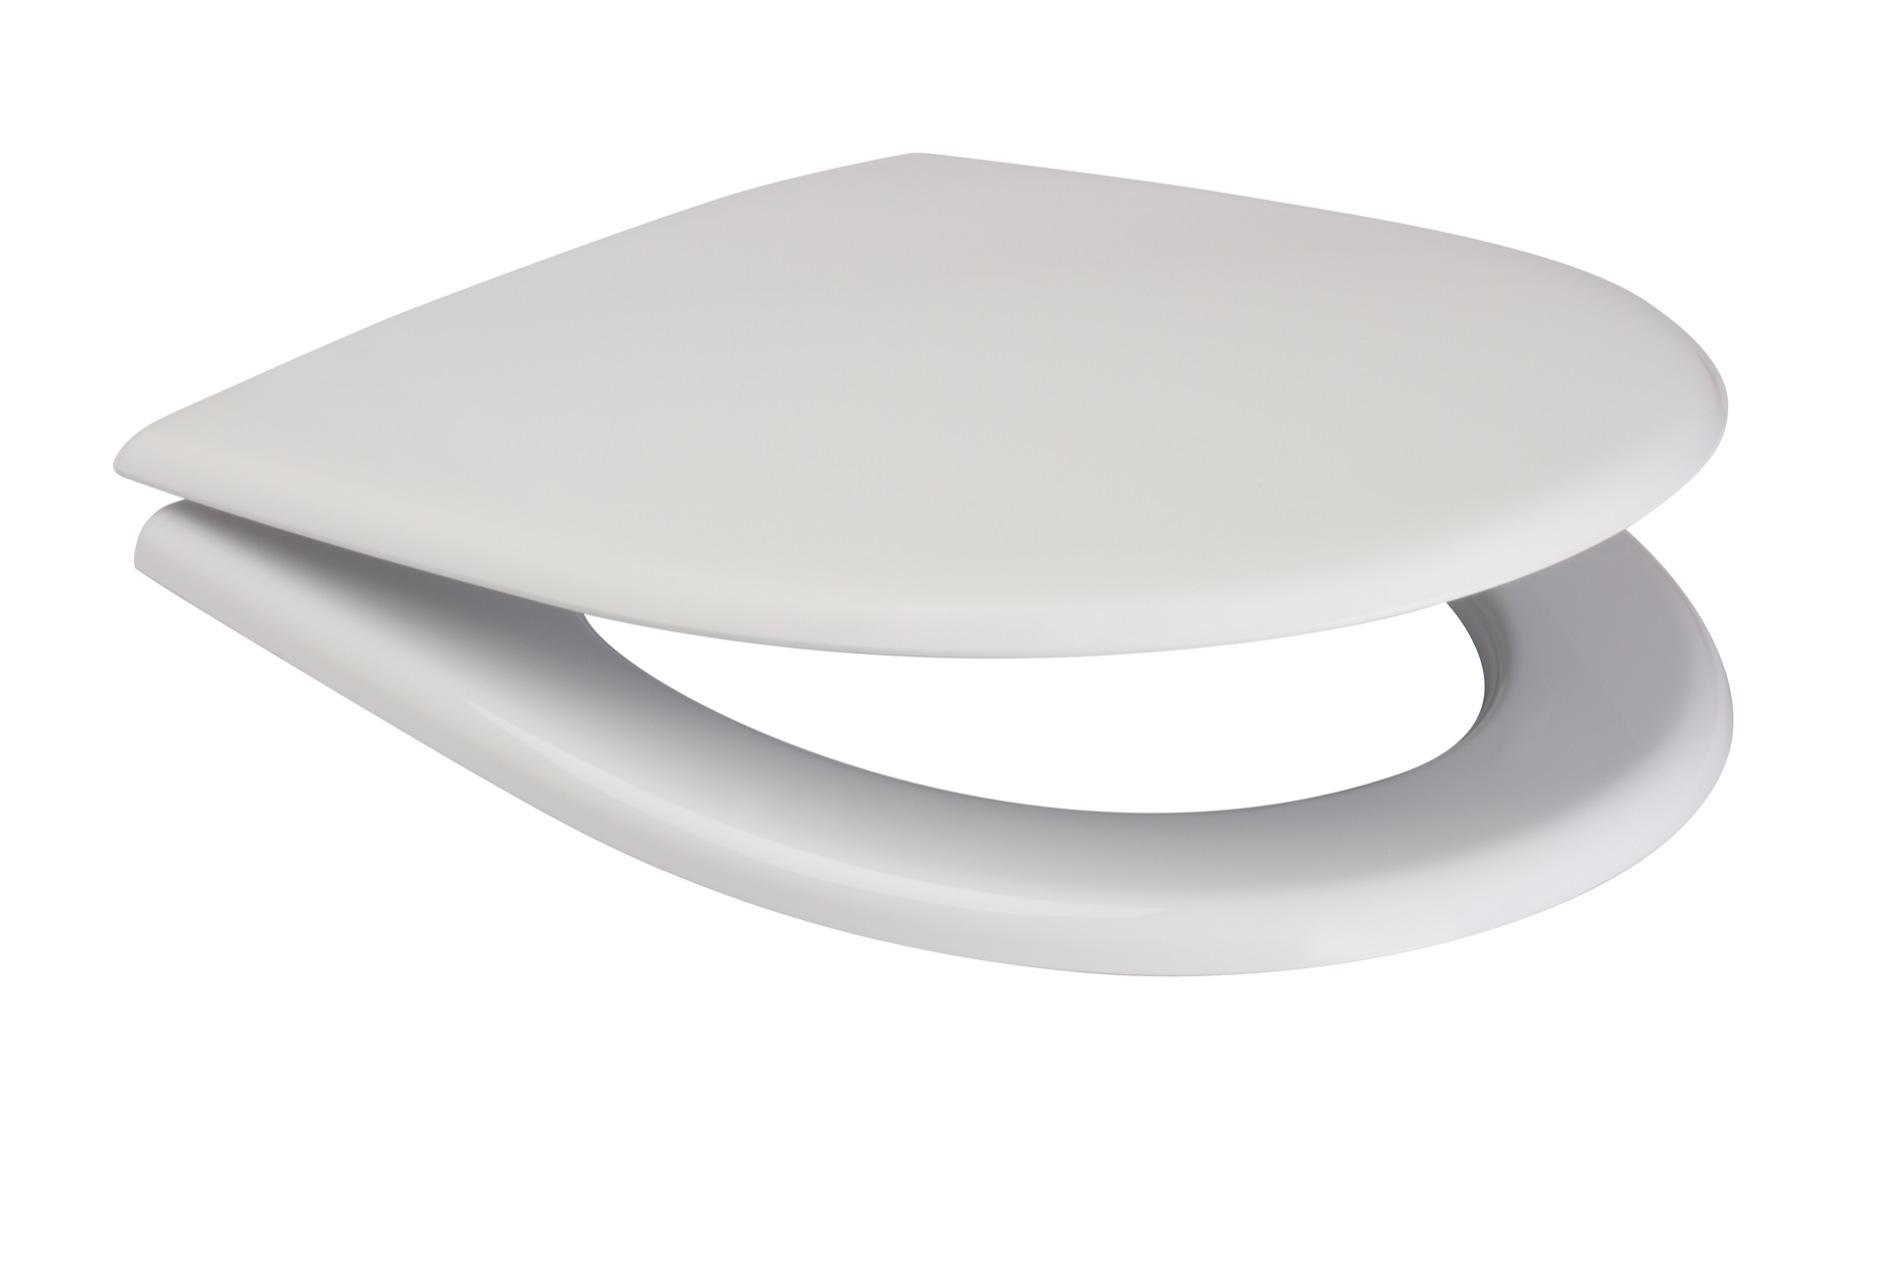 Toilet seat Cersanit Eko white (K98-0036)